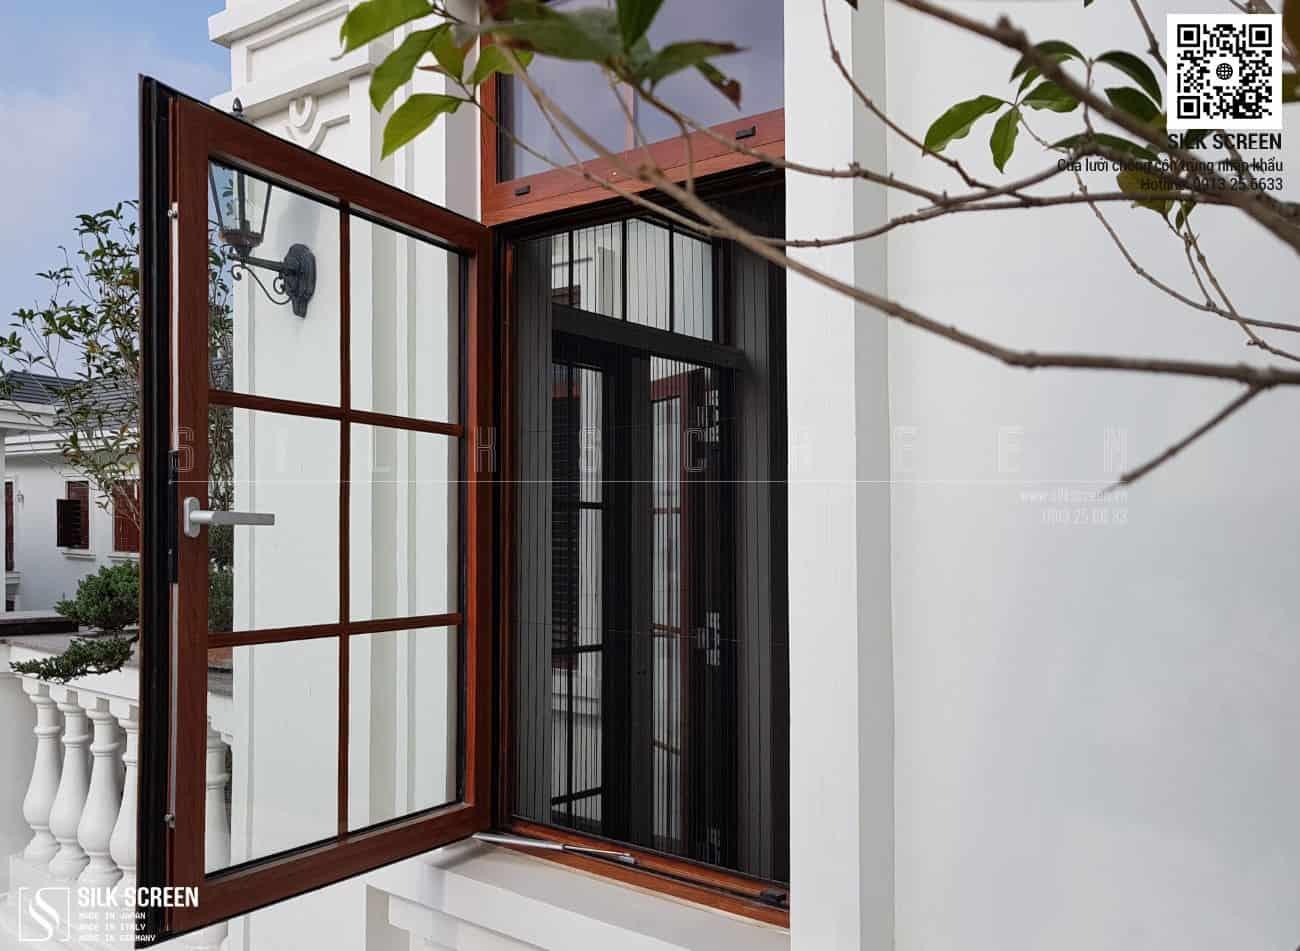 Ảnh cửa lưới chống muỗi lắp đặt cửa sổ tại Biệt thự Thạch Thảo 25